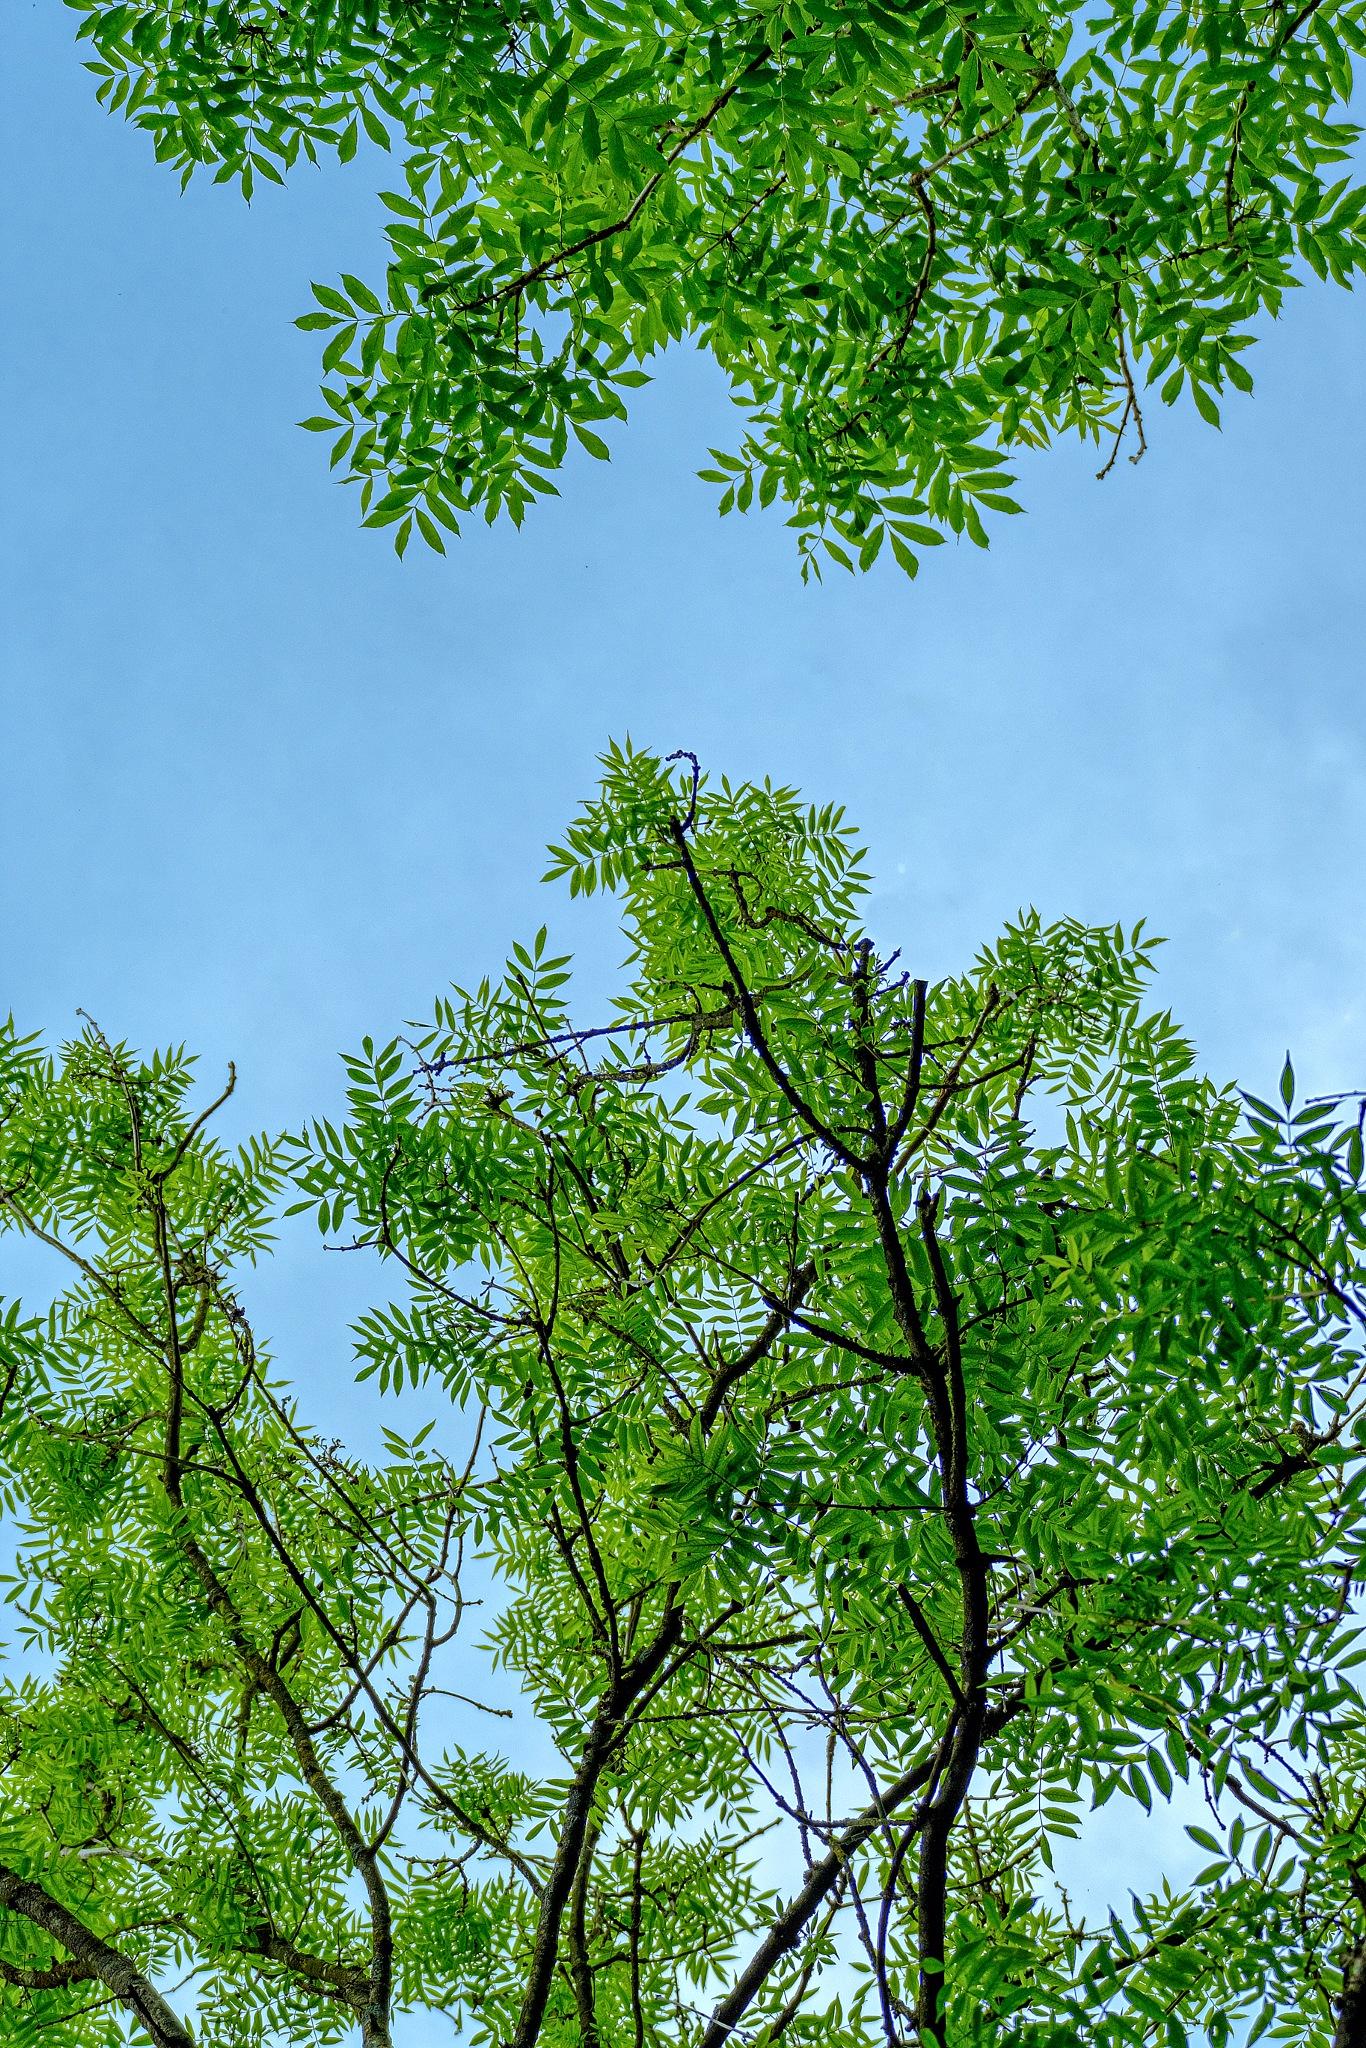 Leaves by Bernhard Romirer